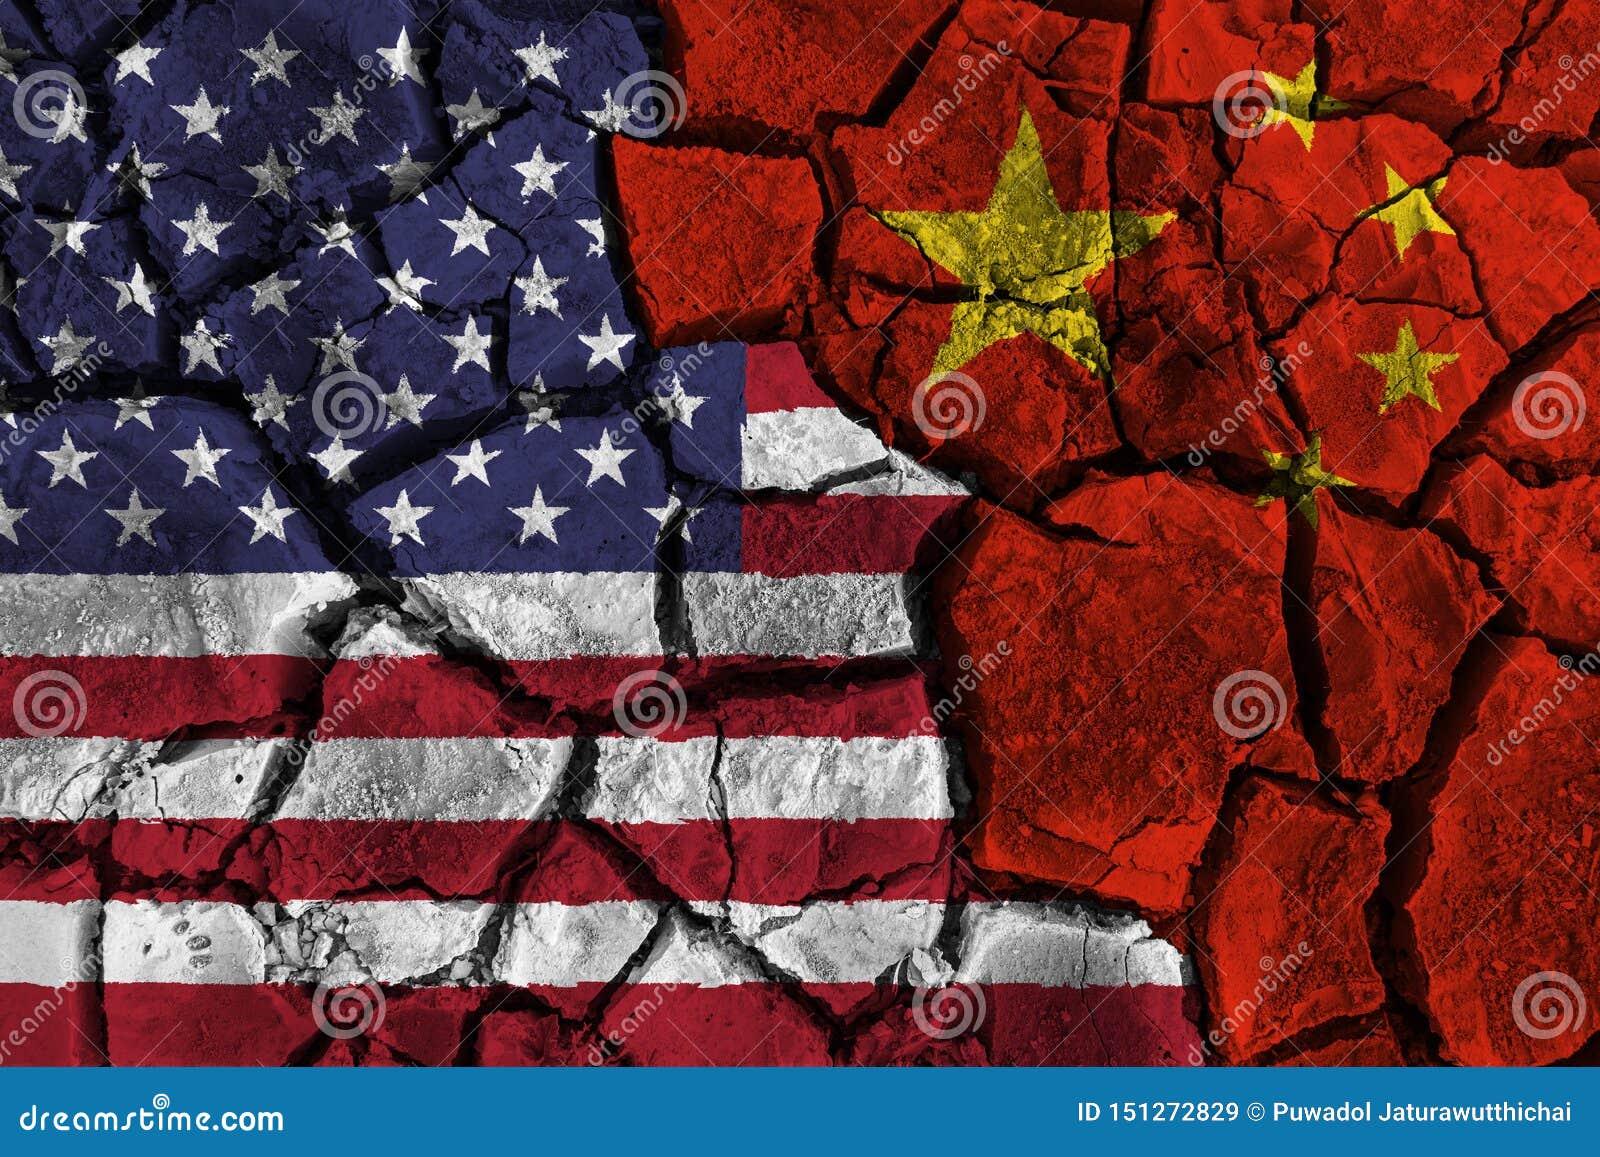 Handelsoorlog tussen de Verenigde Staten van Amerika VERSUS China vlag op gebarsten muurachtergrond Confliction en crisisconcept